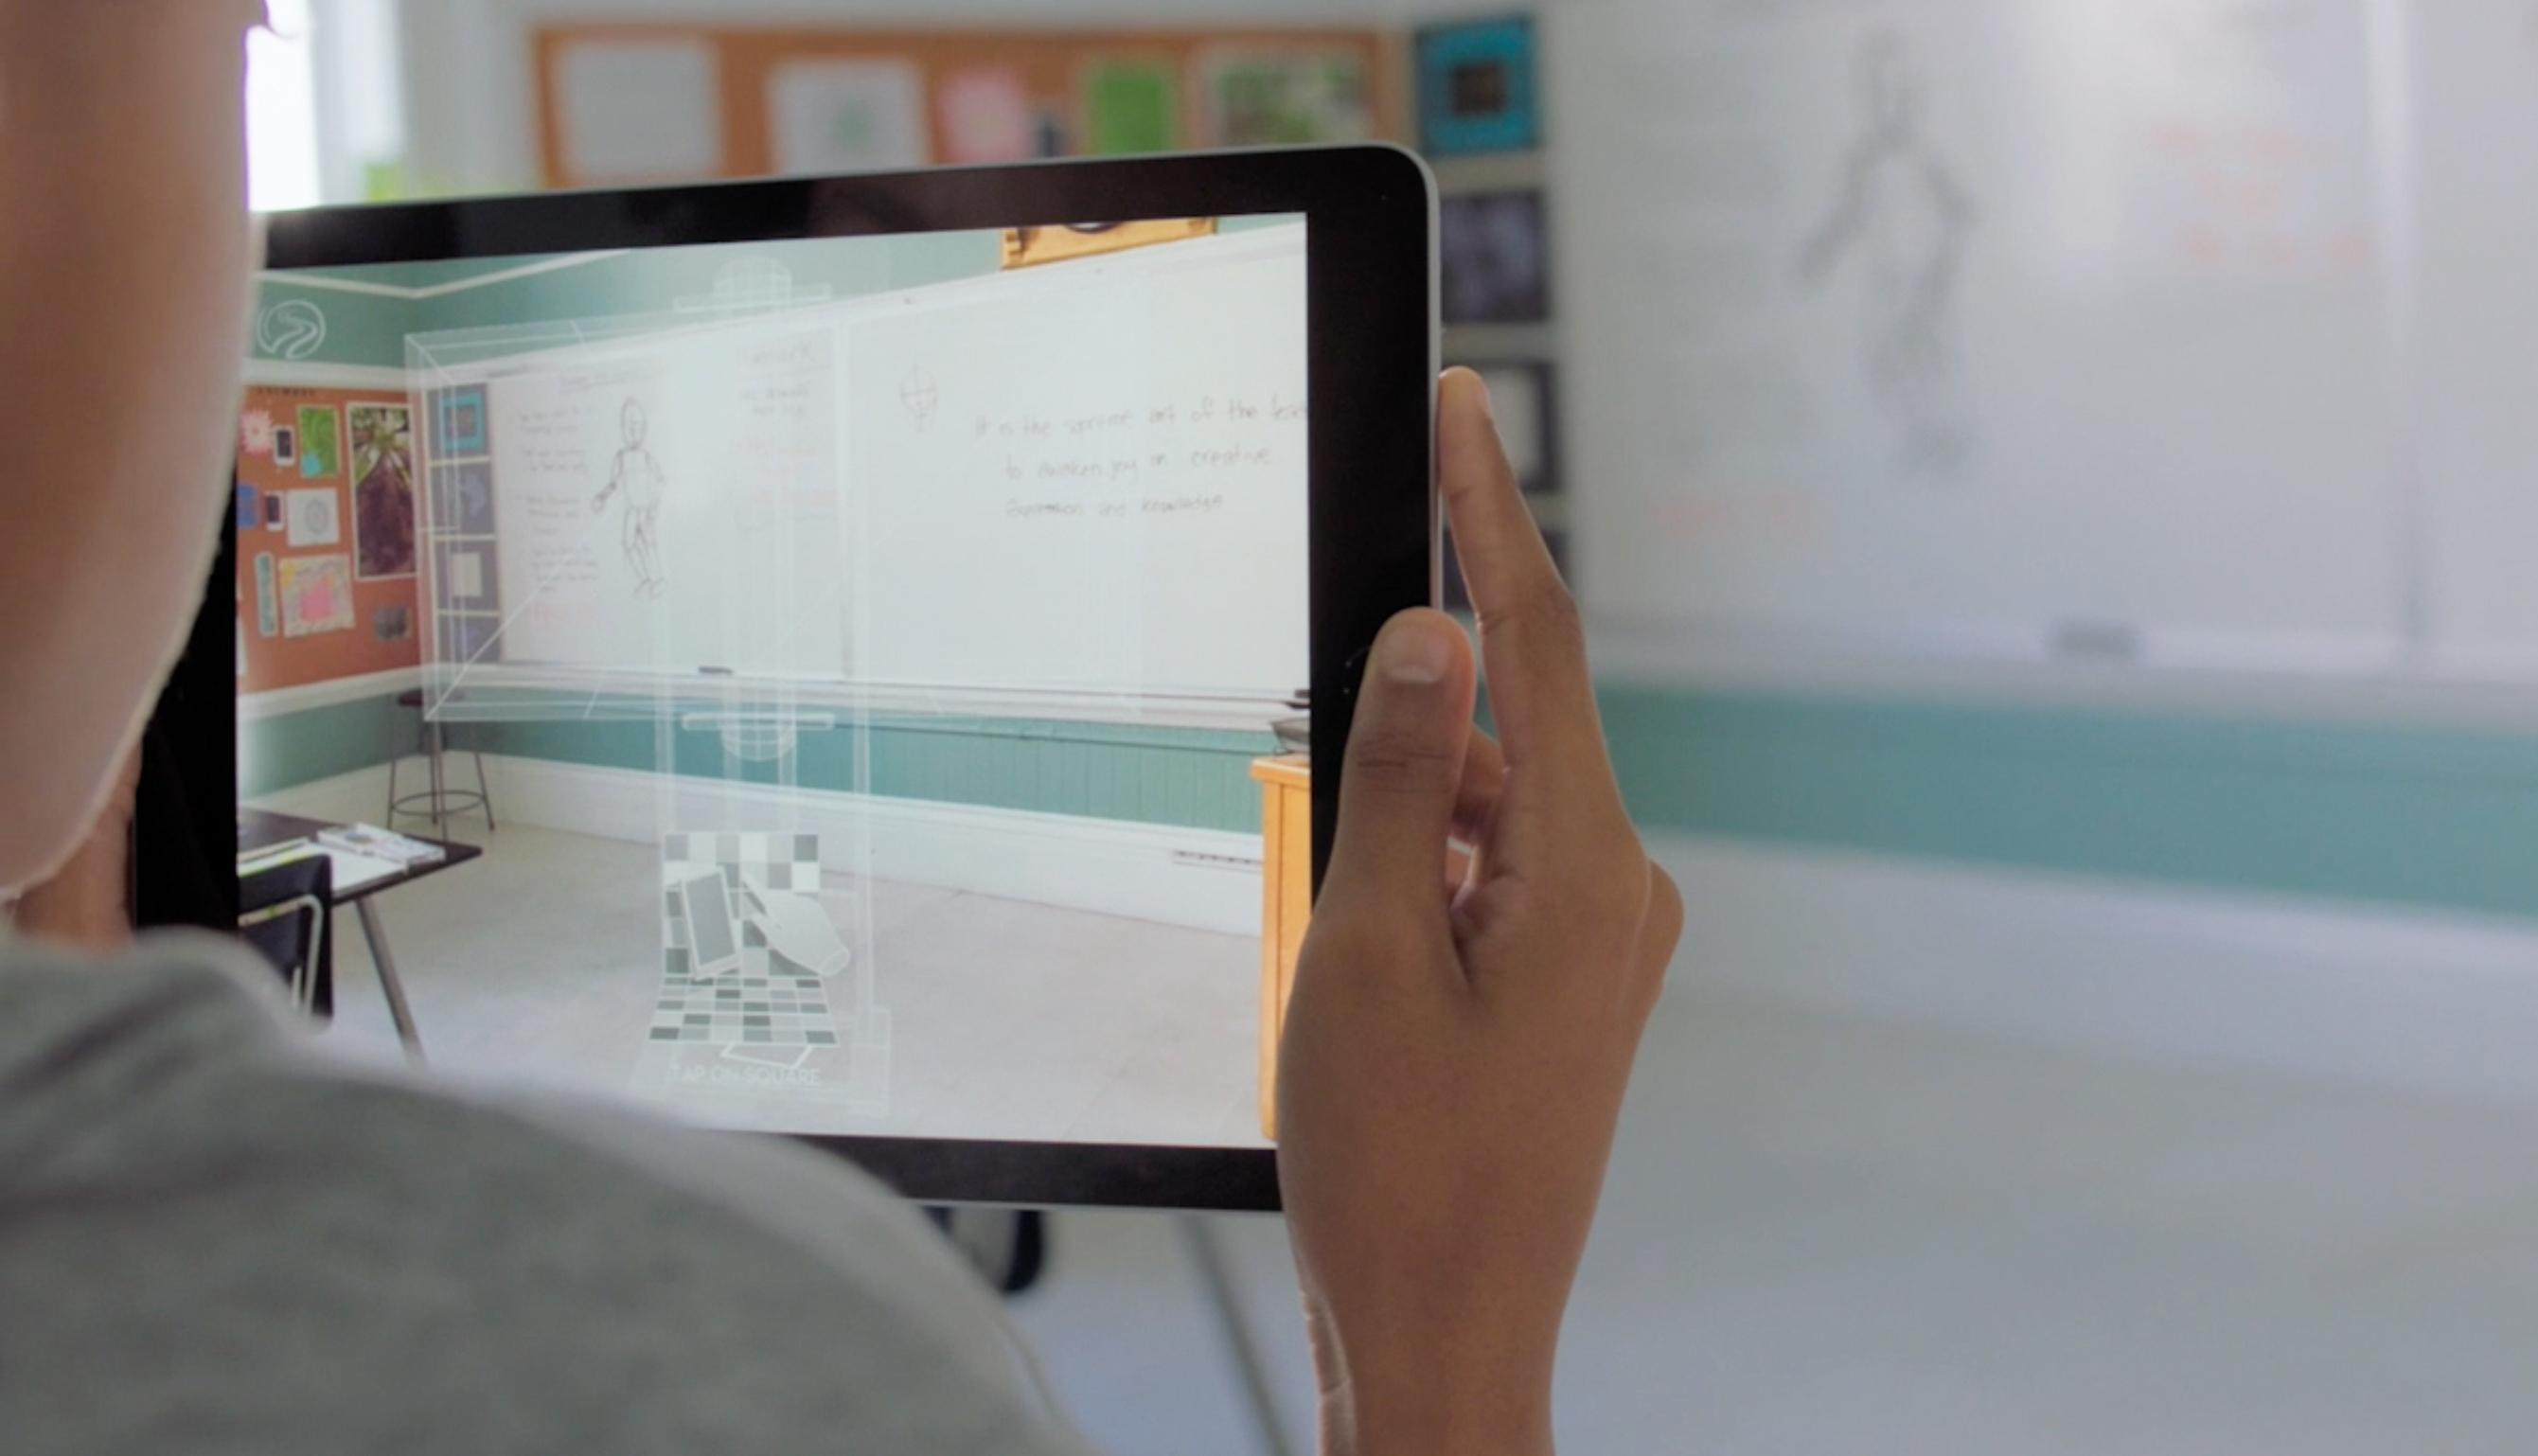 ARKit von Apple: Bald auch eine AR-Brille?